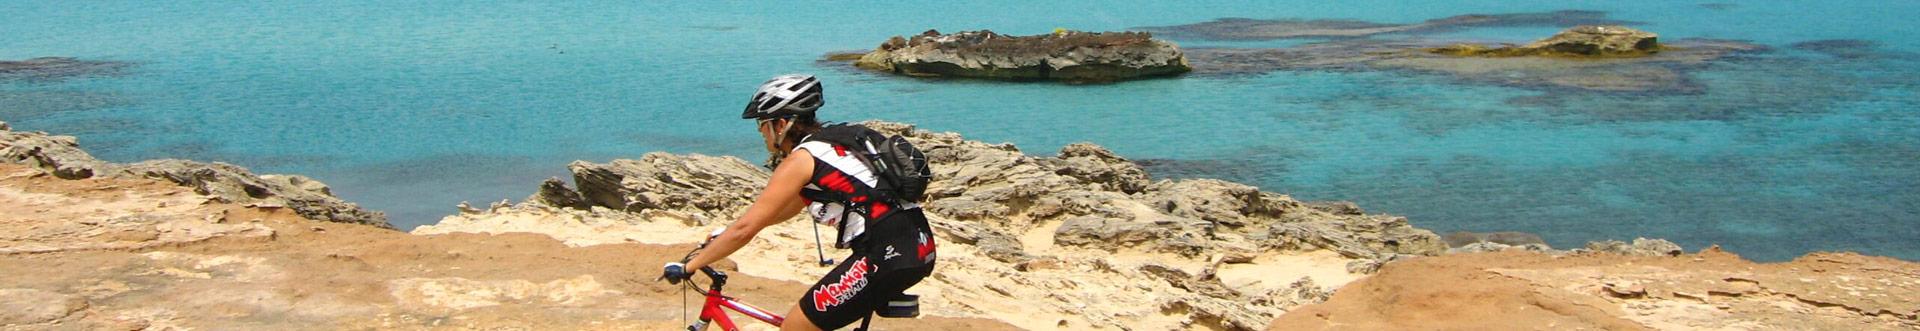 Bici en Ibiza